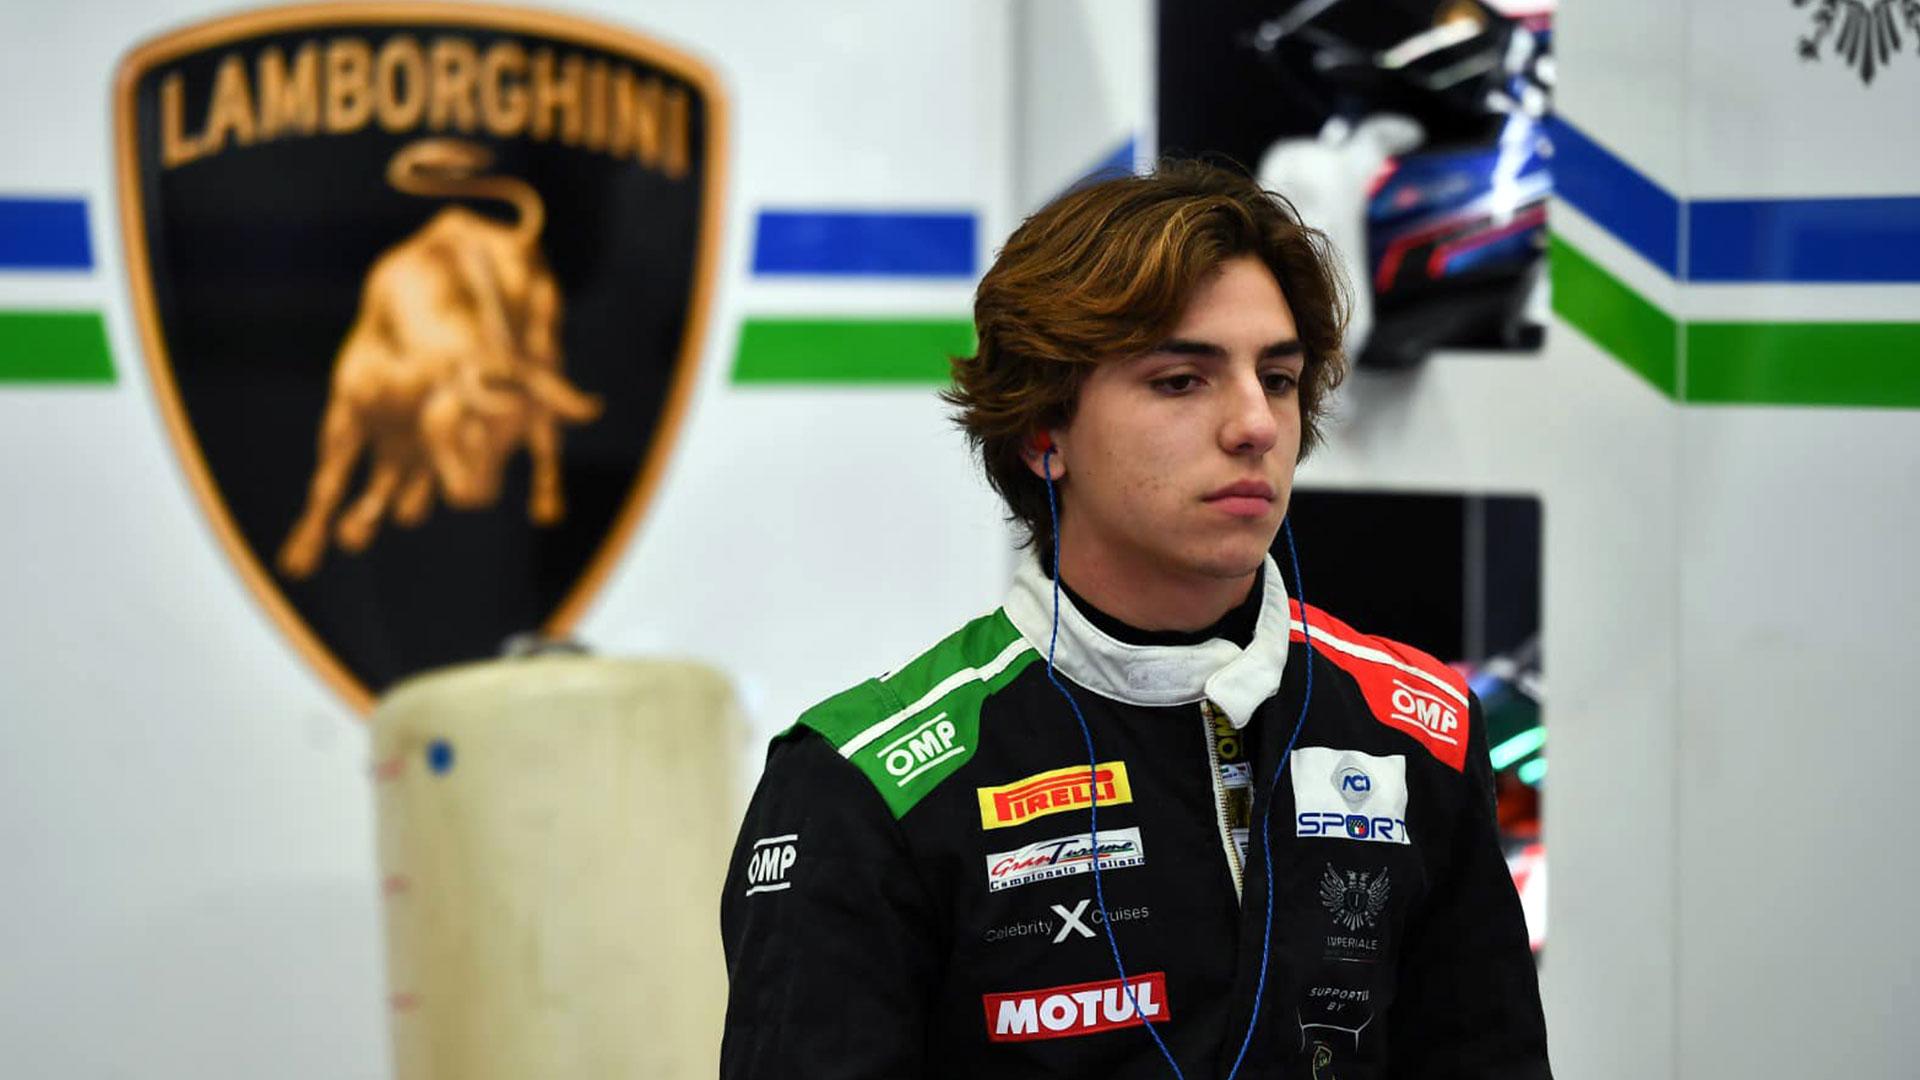 El piloto guatemalteco Mateo Llarena sobrevivió a su accidente en el Campeonato de Italia de Gran Turismo - Prensa Libre ileso